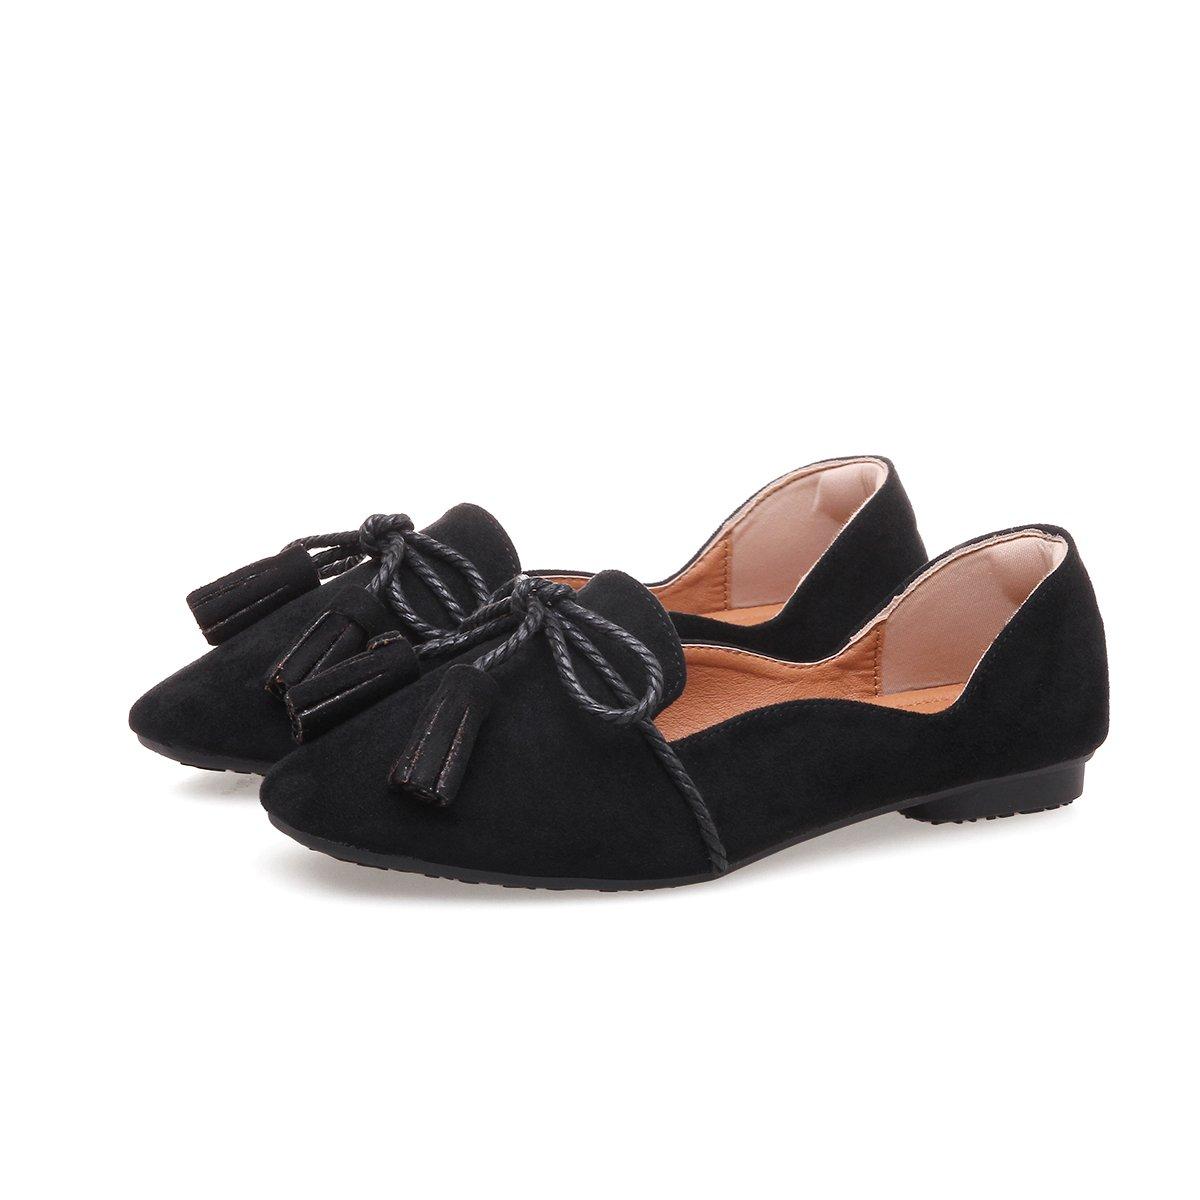 Printemps et d'hiver lumière sauvage-à-tête avec une base plate tide black student ballet chaussures femmes